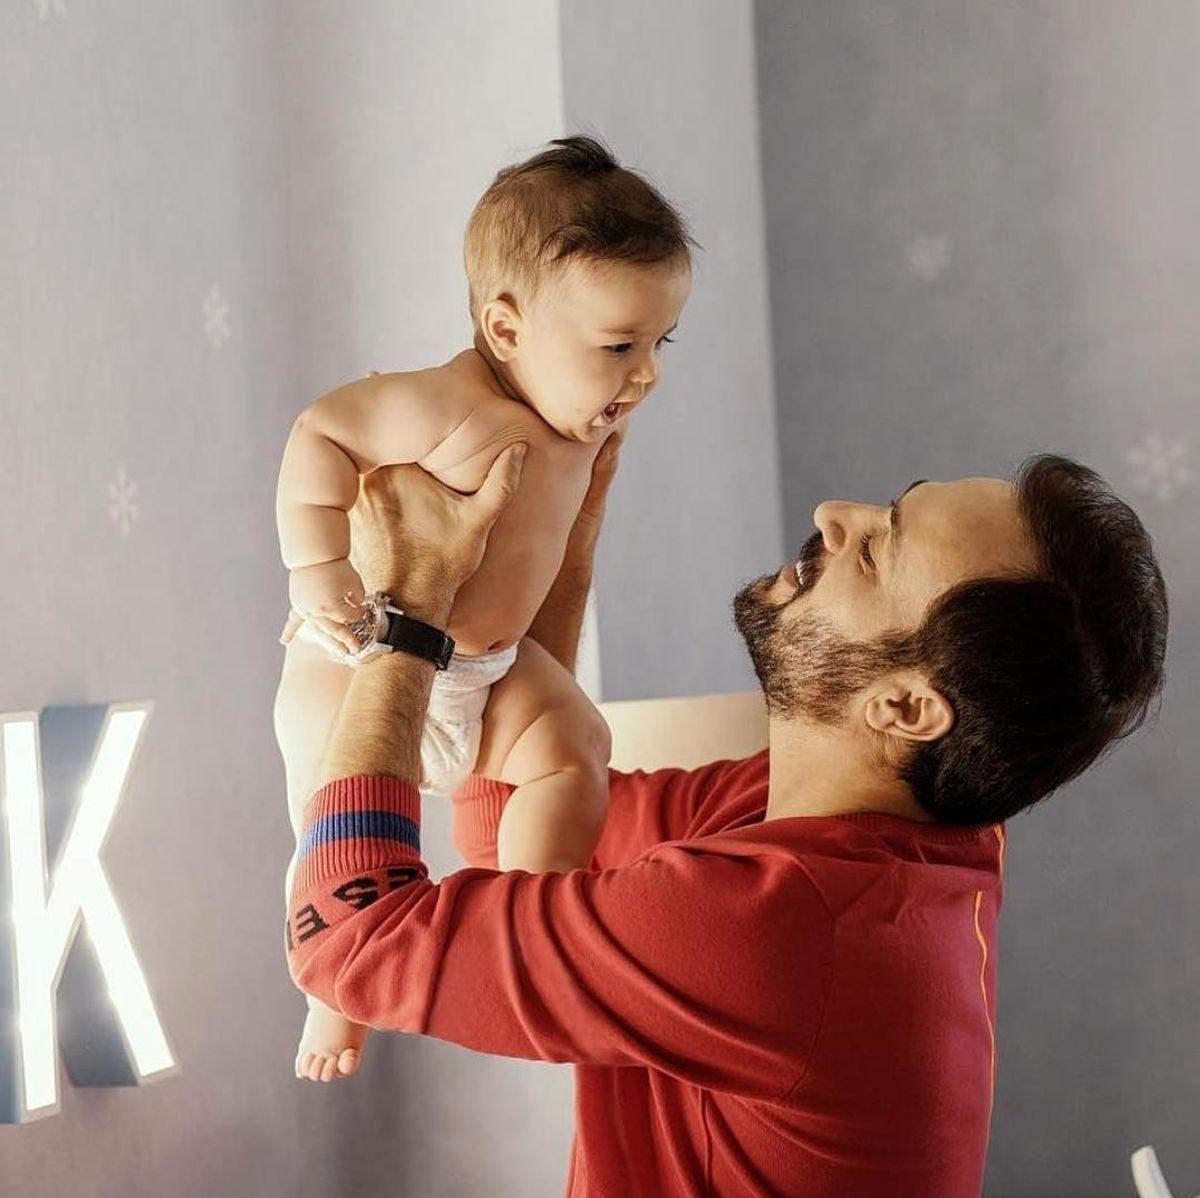 بازیگر معروف پایتخت از پسرش رونمایی کرد + عکس